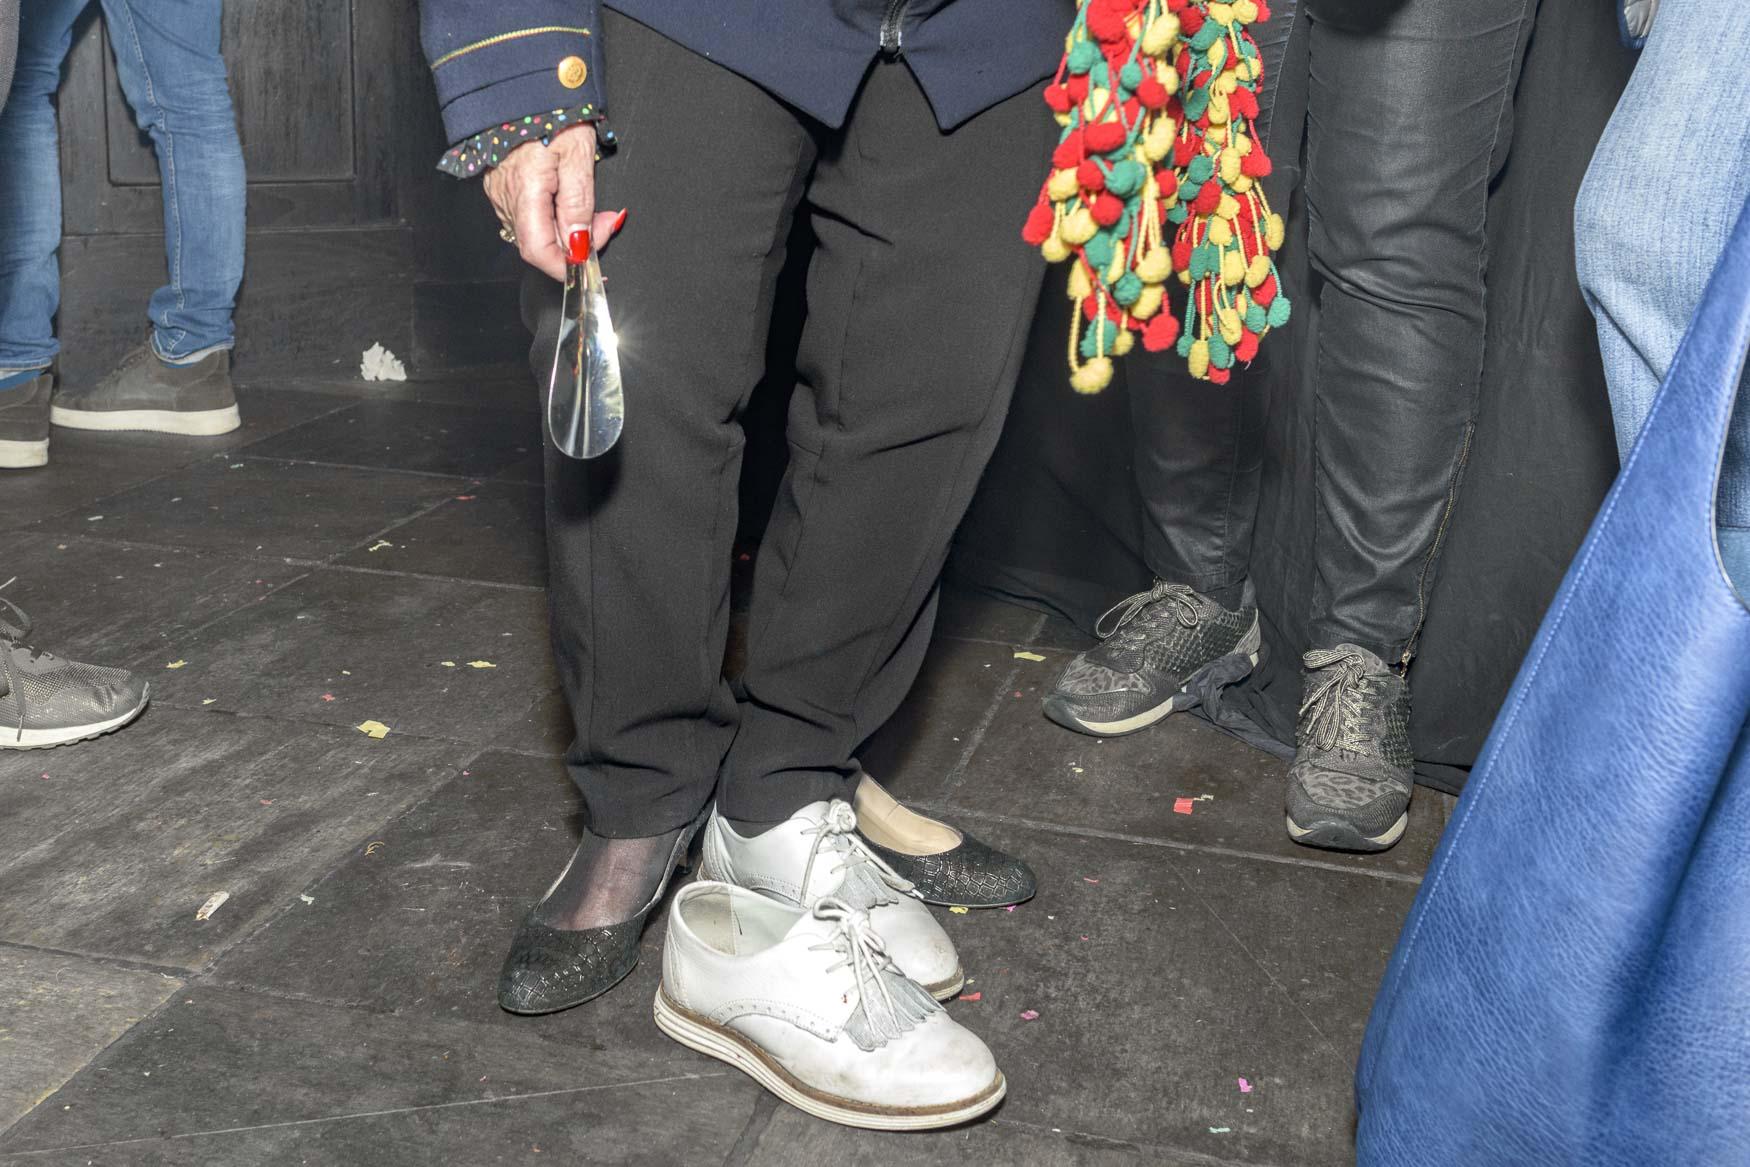 Weinig tijd om om te kleden, snel ter plekke schoenen wisselen en Beppie Kraft is weer klaar voor het volgende optreden | sas schilten fotografie